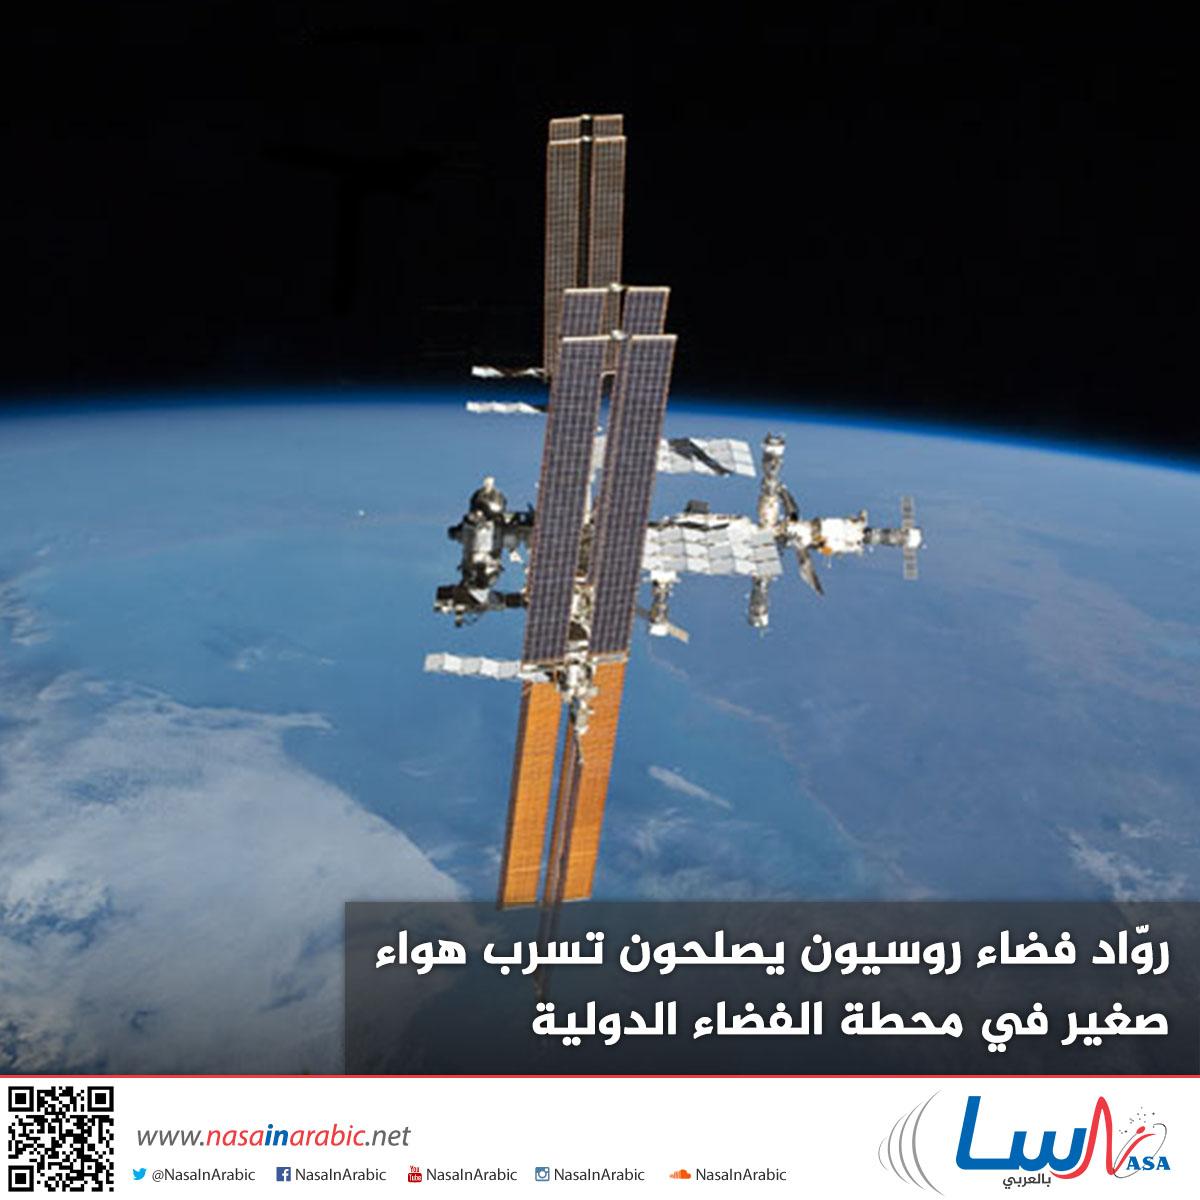 روّاد فضاء روسيون يصلحون تسرب هواء صغير في محطة الفضاء الدولية